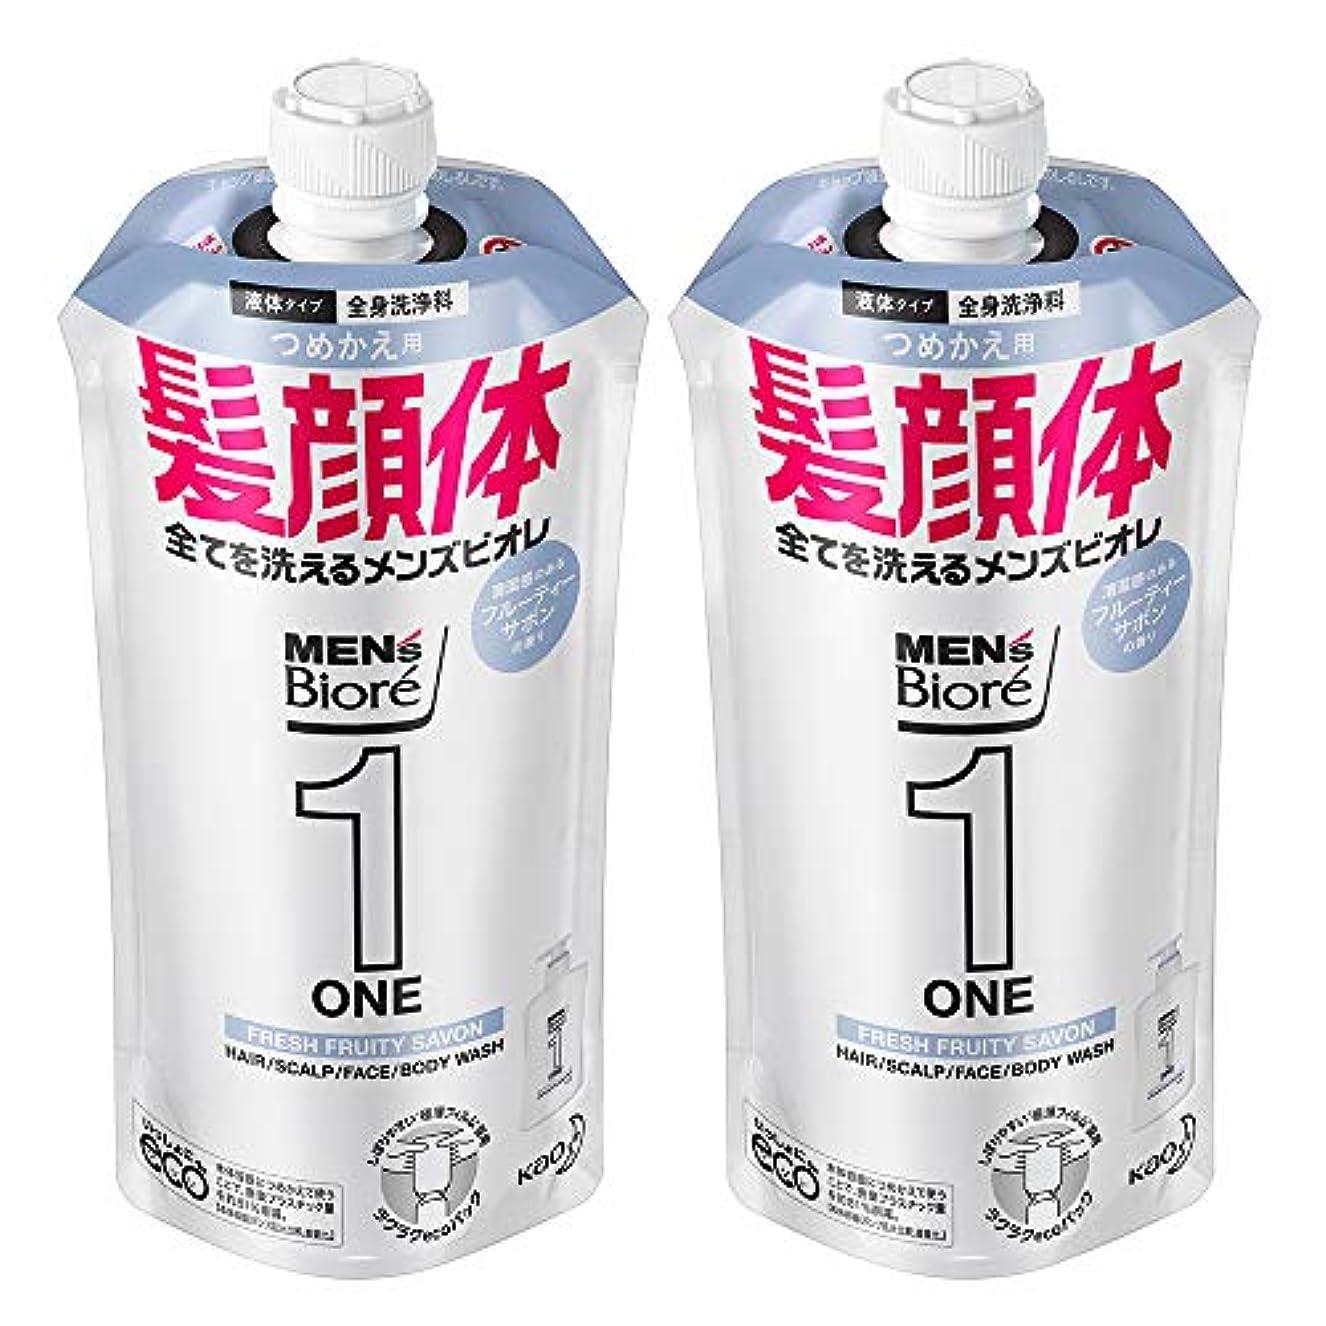 み論理的切り離す【まとめ買い】メンズビオレ ONE オールインワン全身洗浄料 フルーティーサボンの香り つめかえ用 340ml×2個